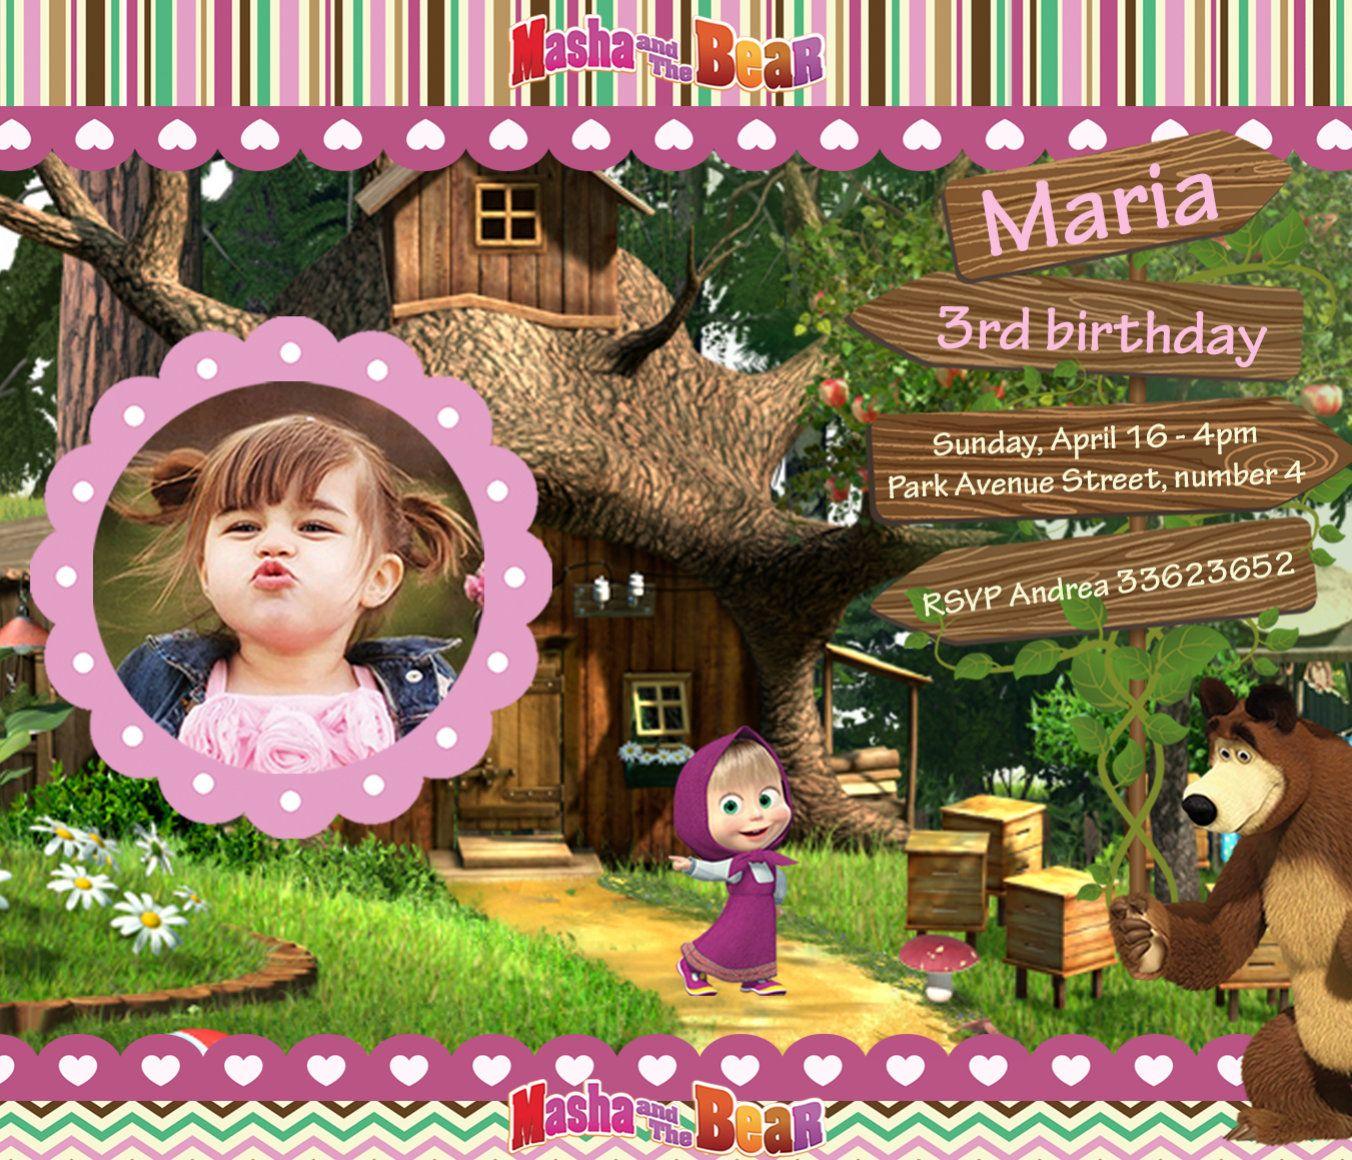 Venta Invitación Masha Y El Oso Fiesta Imprimible Party